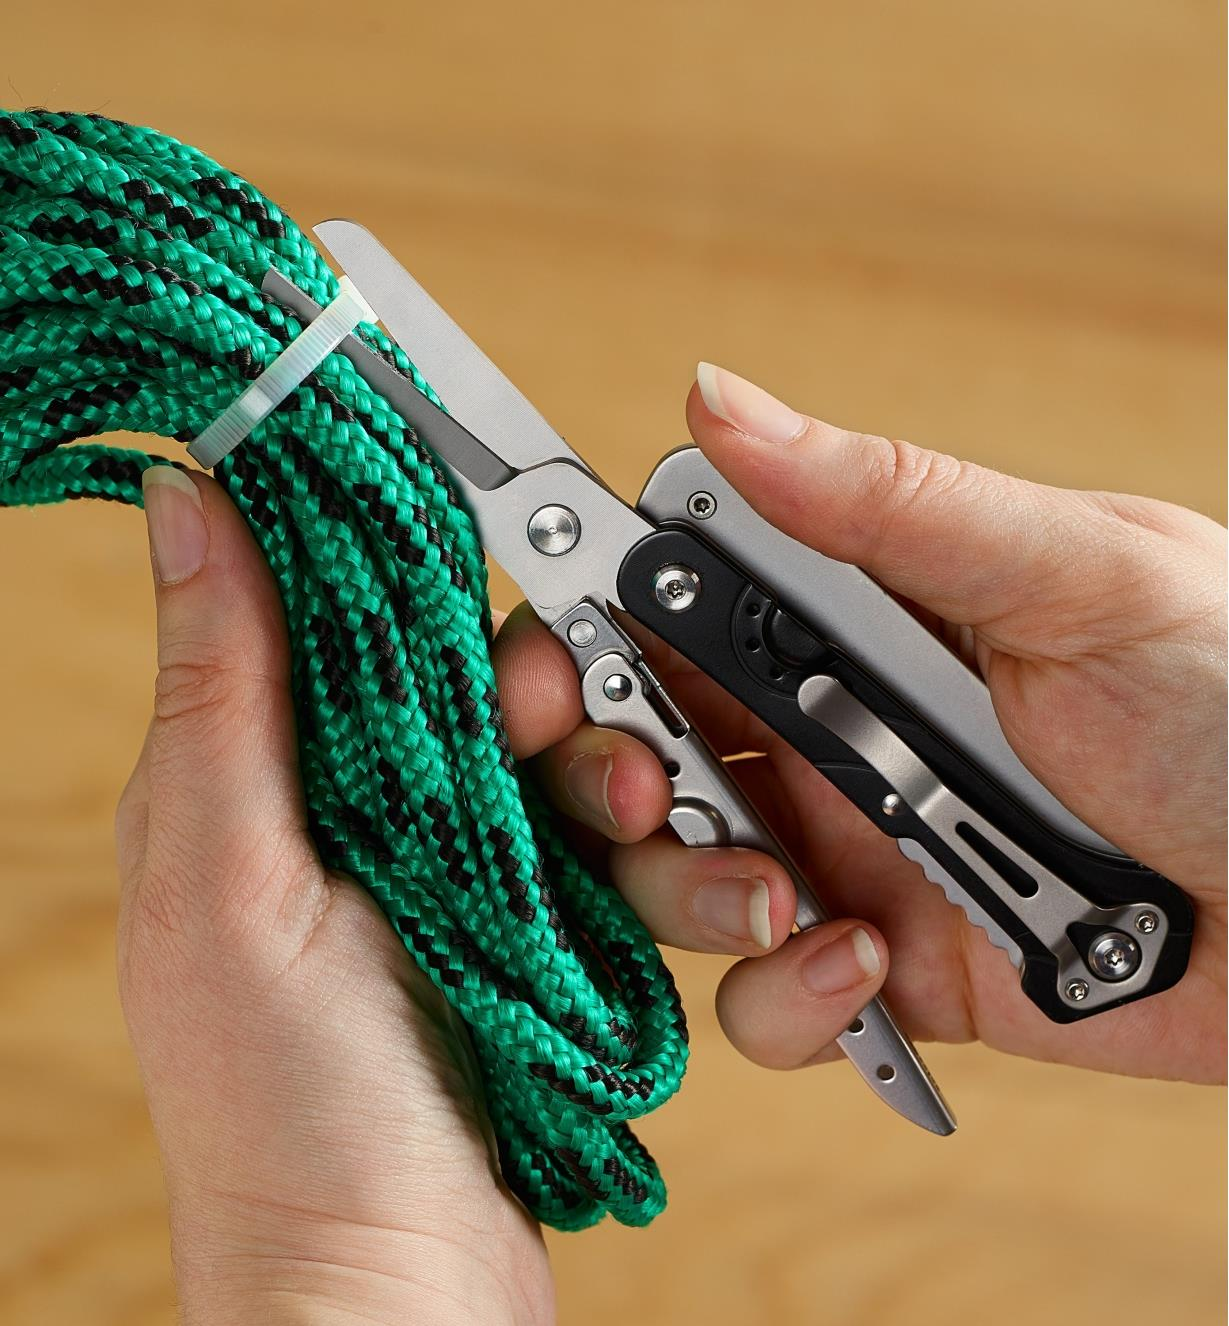 Ciseaux de l'outil multifonction servant à couper une attache autobloquante qui maintient une corde enroulée